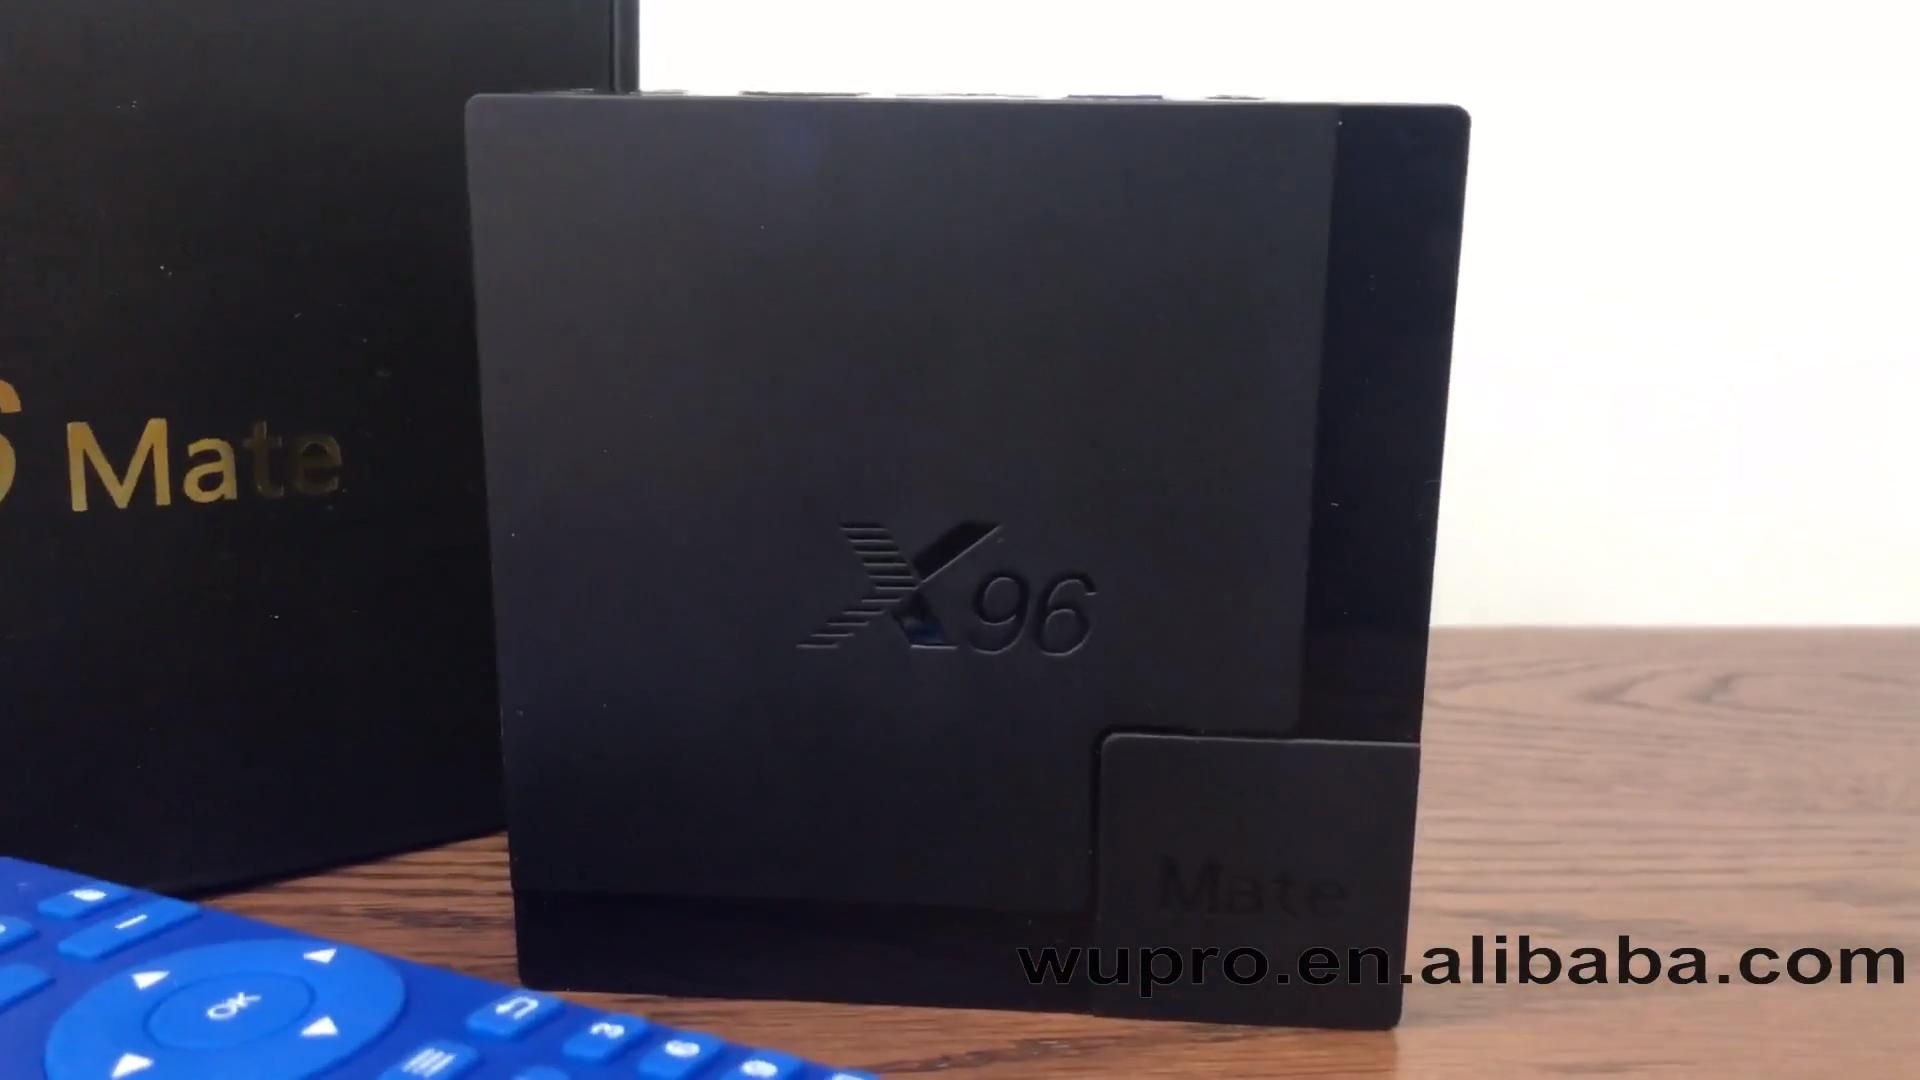 ТВ-приставка Wupro tvbox x96 10,0 android 4g lte x96 mate